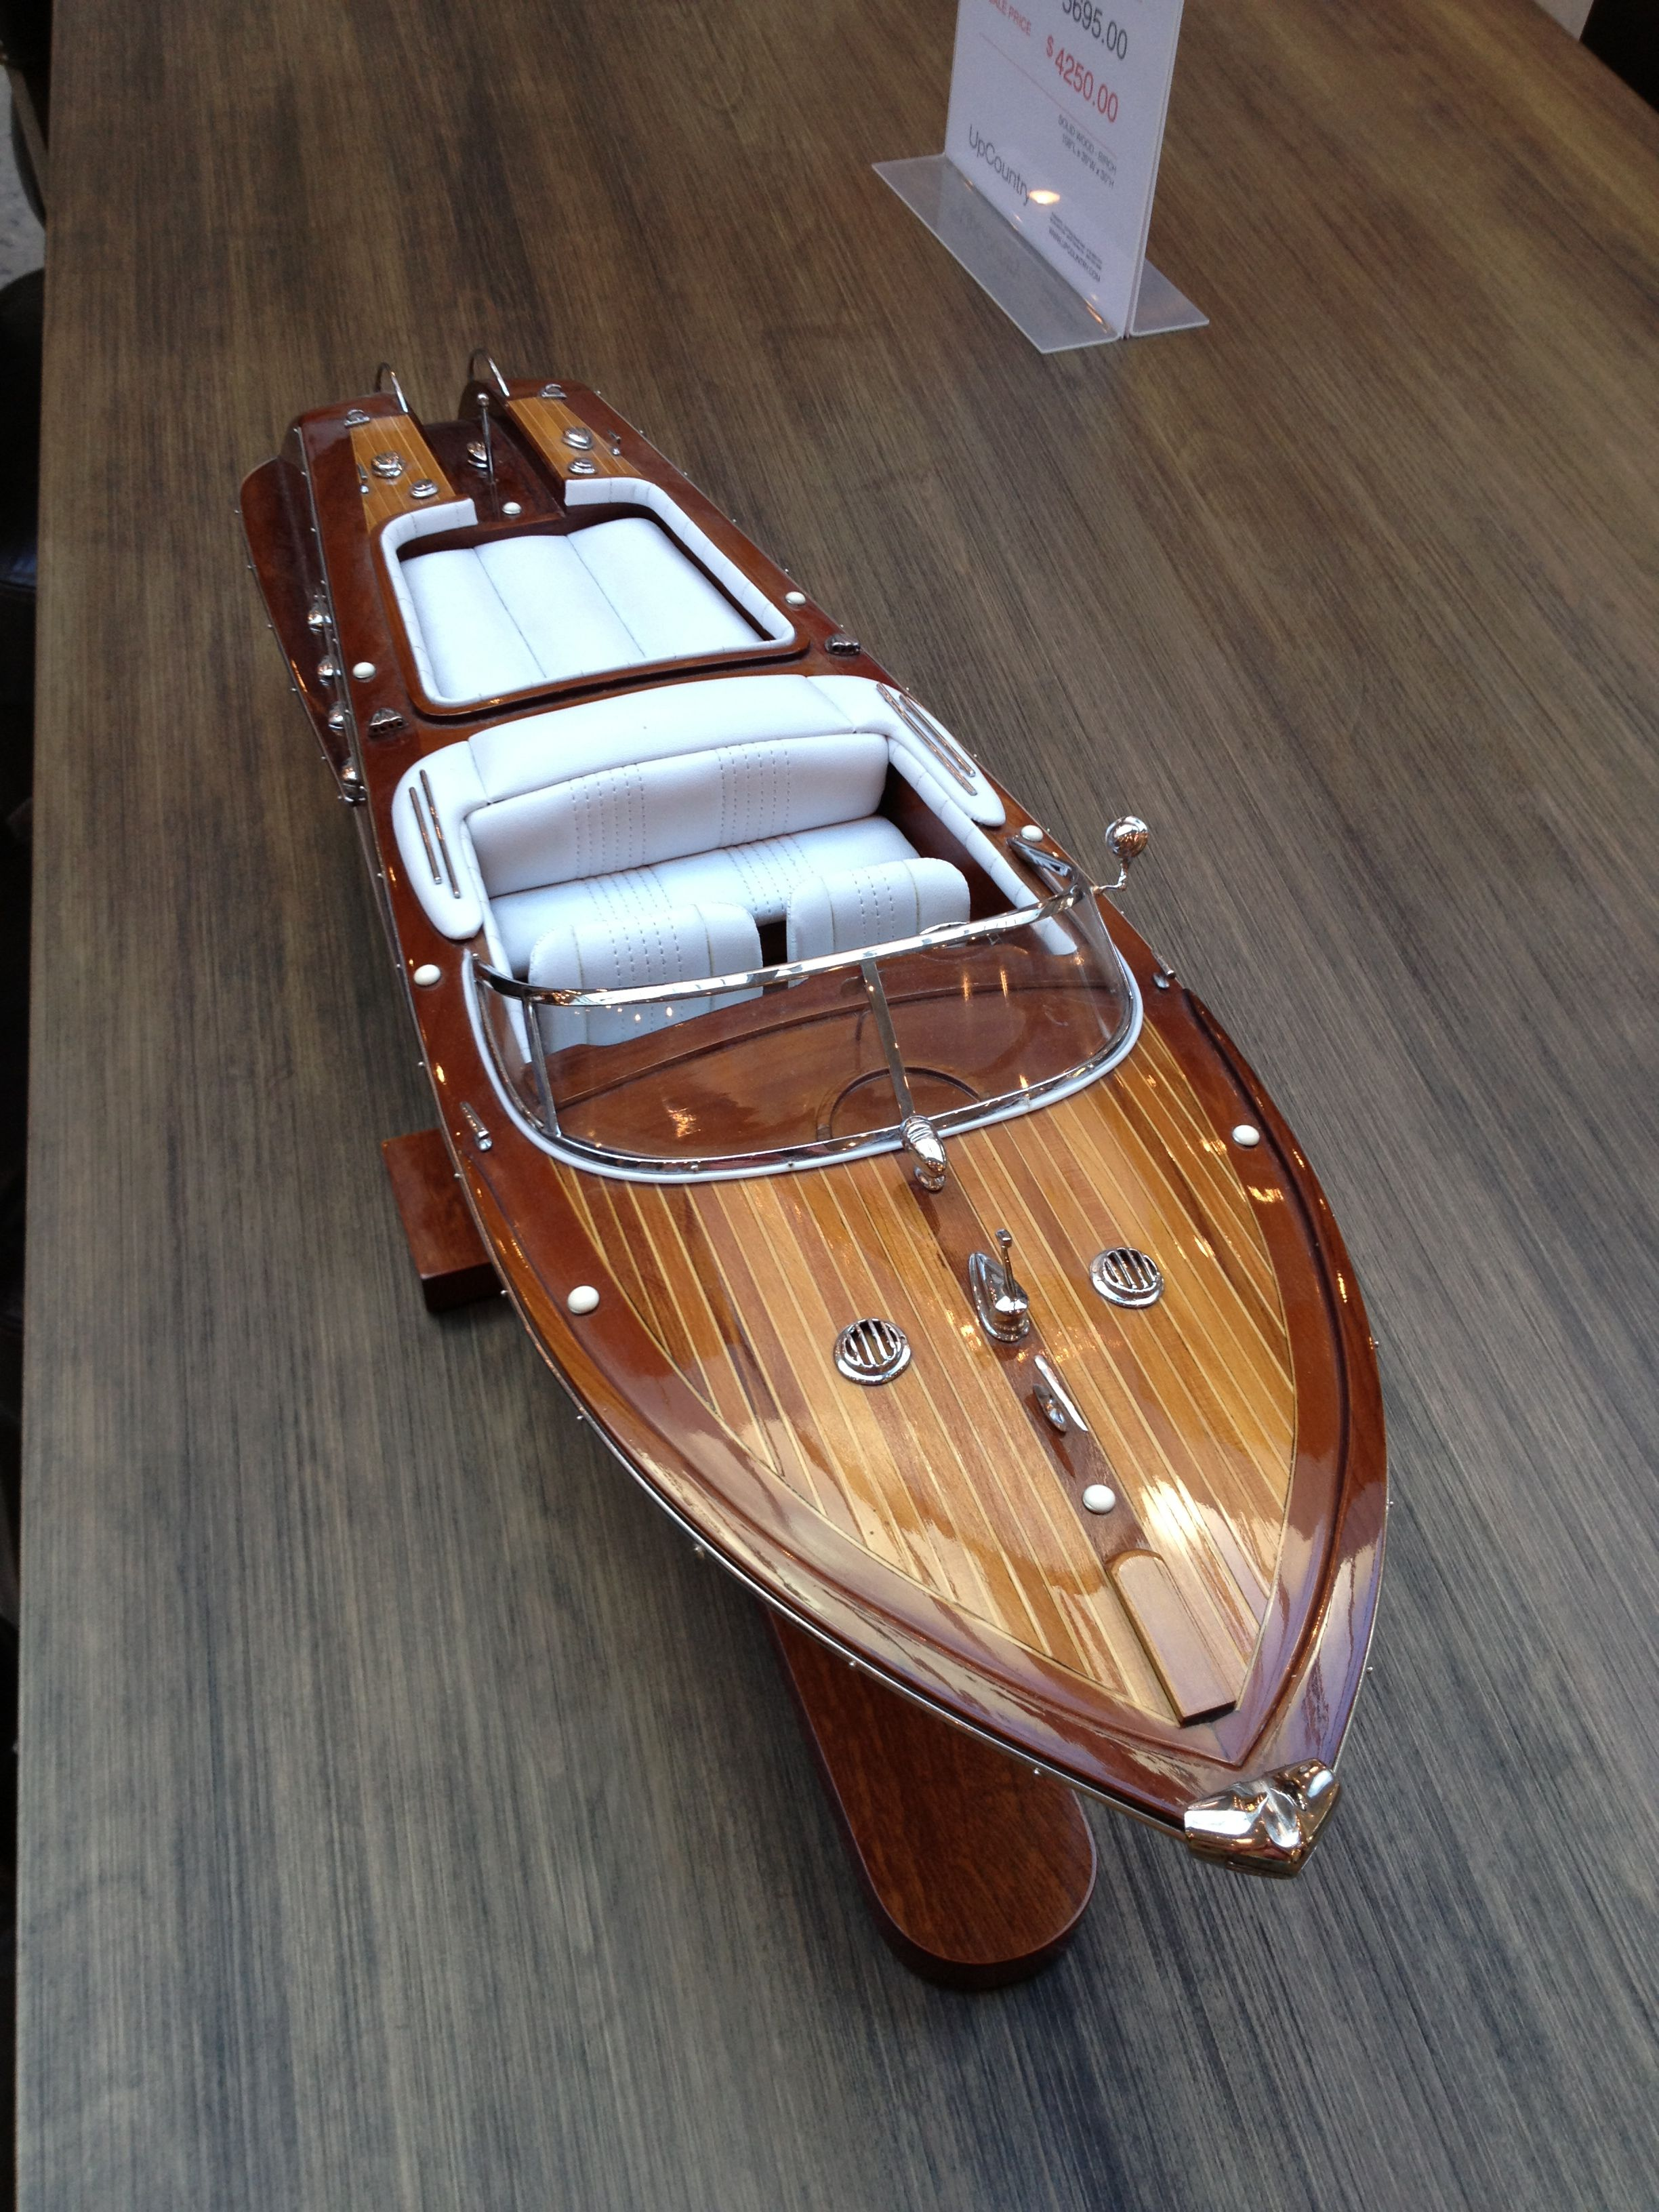 #Vintage #Speedboat Model | Boat building, Wooden model ...